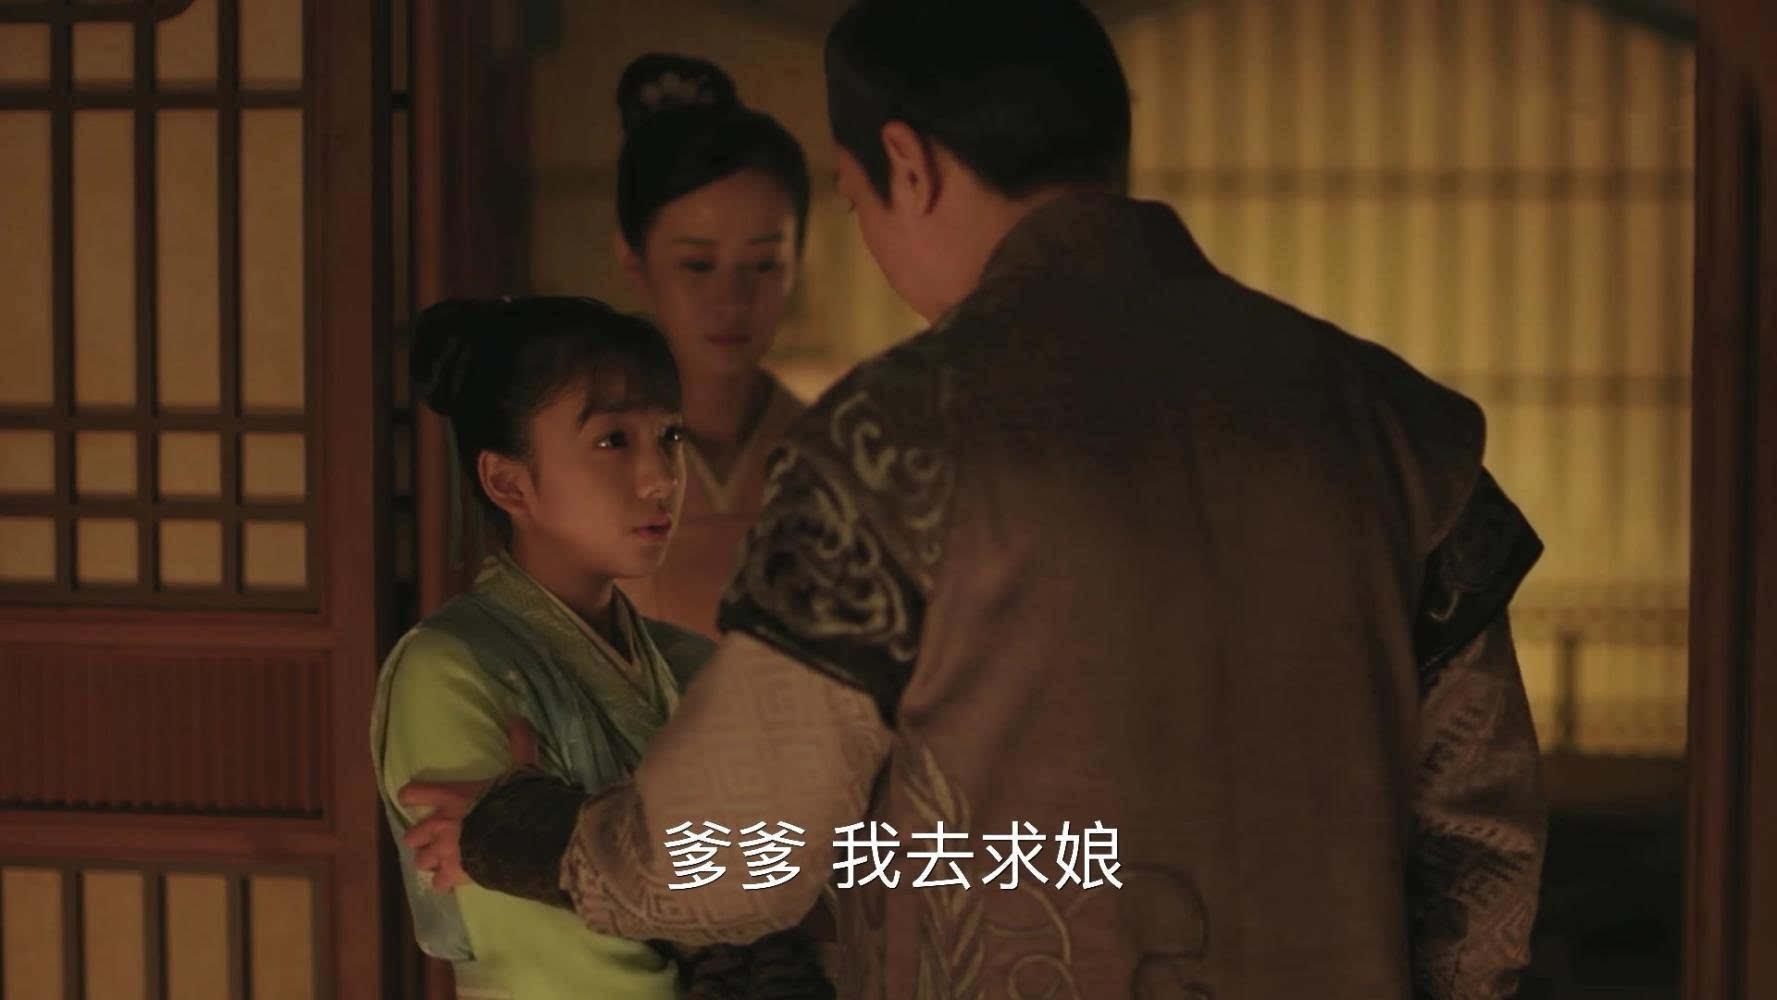 知否:曼娘回归勾结小秦氏 顾廷烨真的慌了蓉姐儿都要被牵连